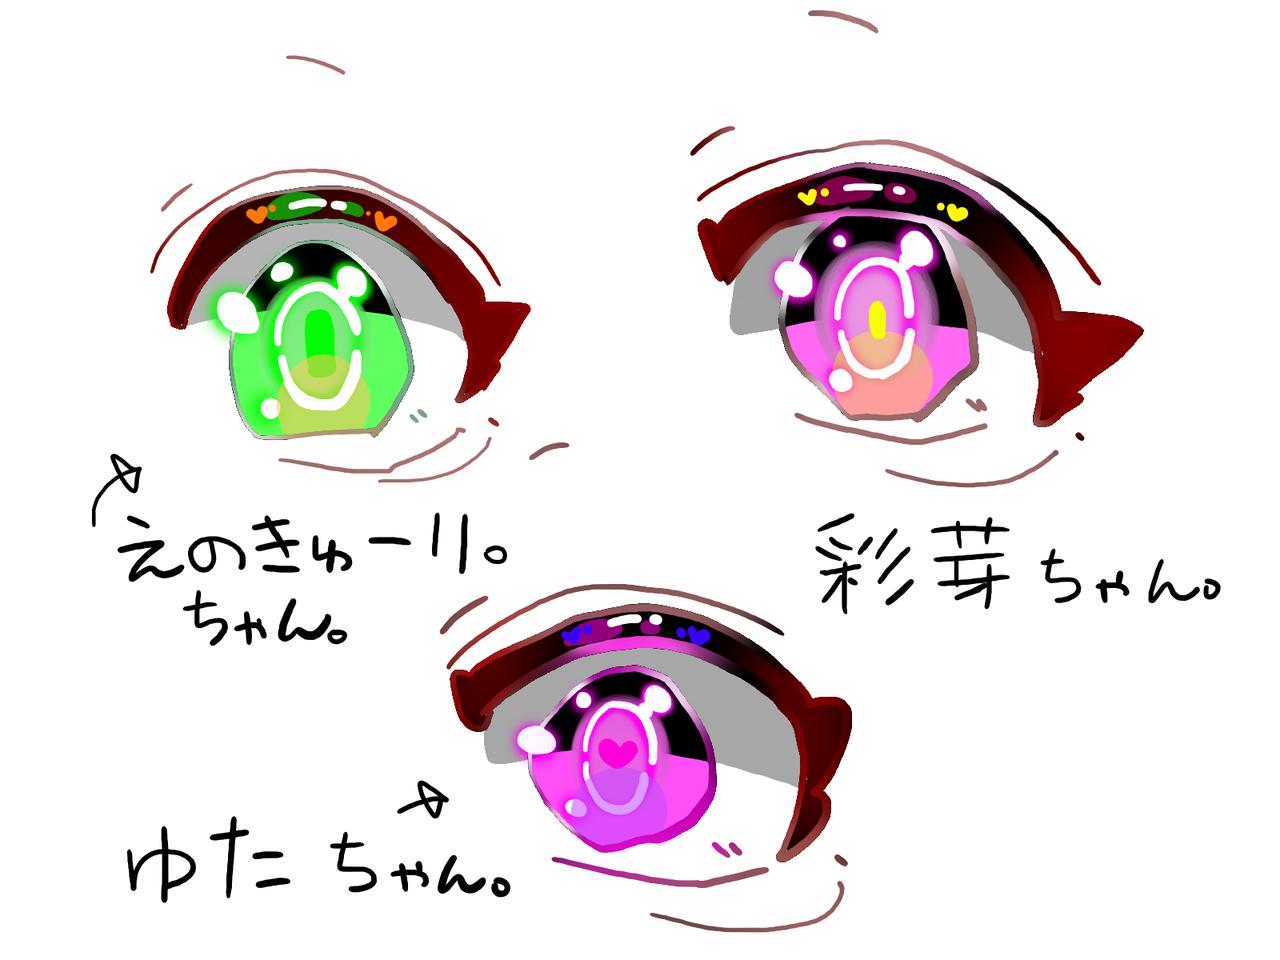 みんなの目を想像で描いたよ!!<第2弾> Illust of めだまやき#パートナーかわいい kawaii angel 目を描きました。 eyes digital フォロワーさん